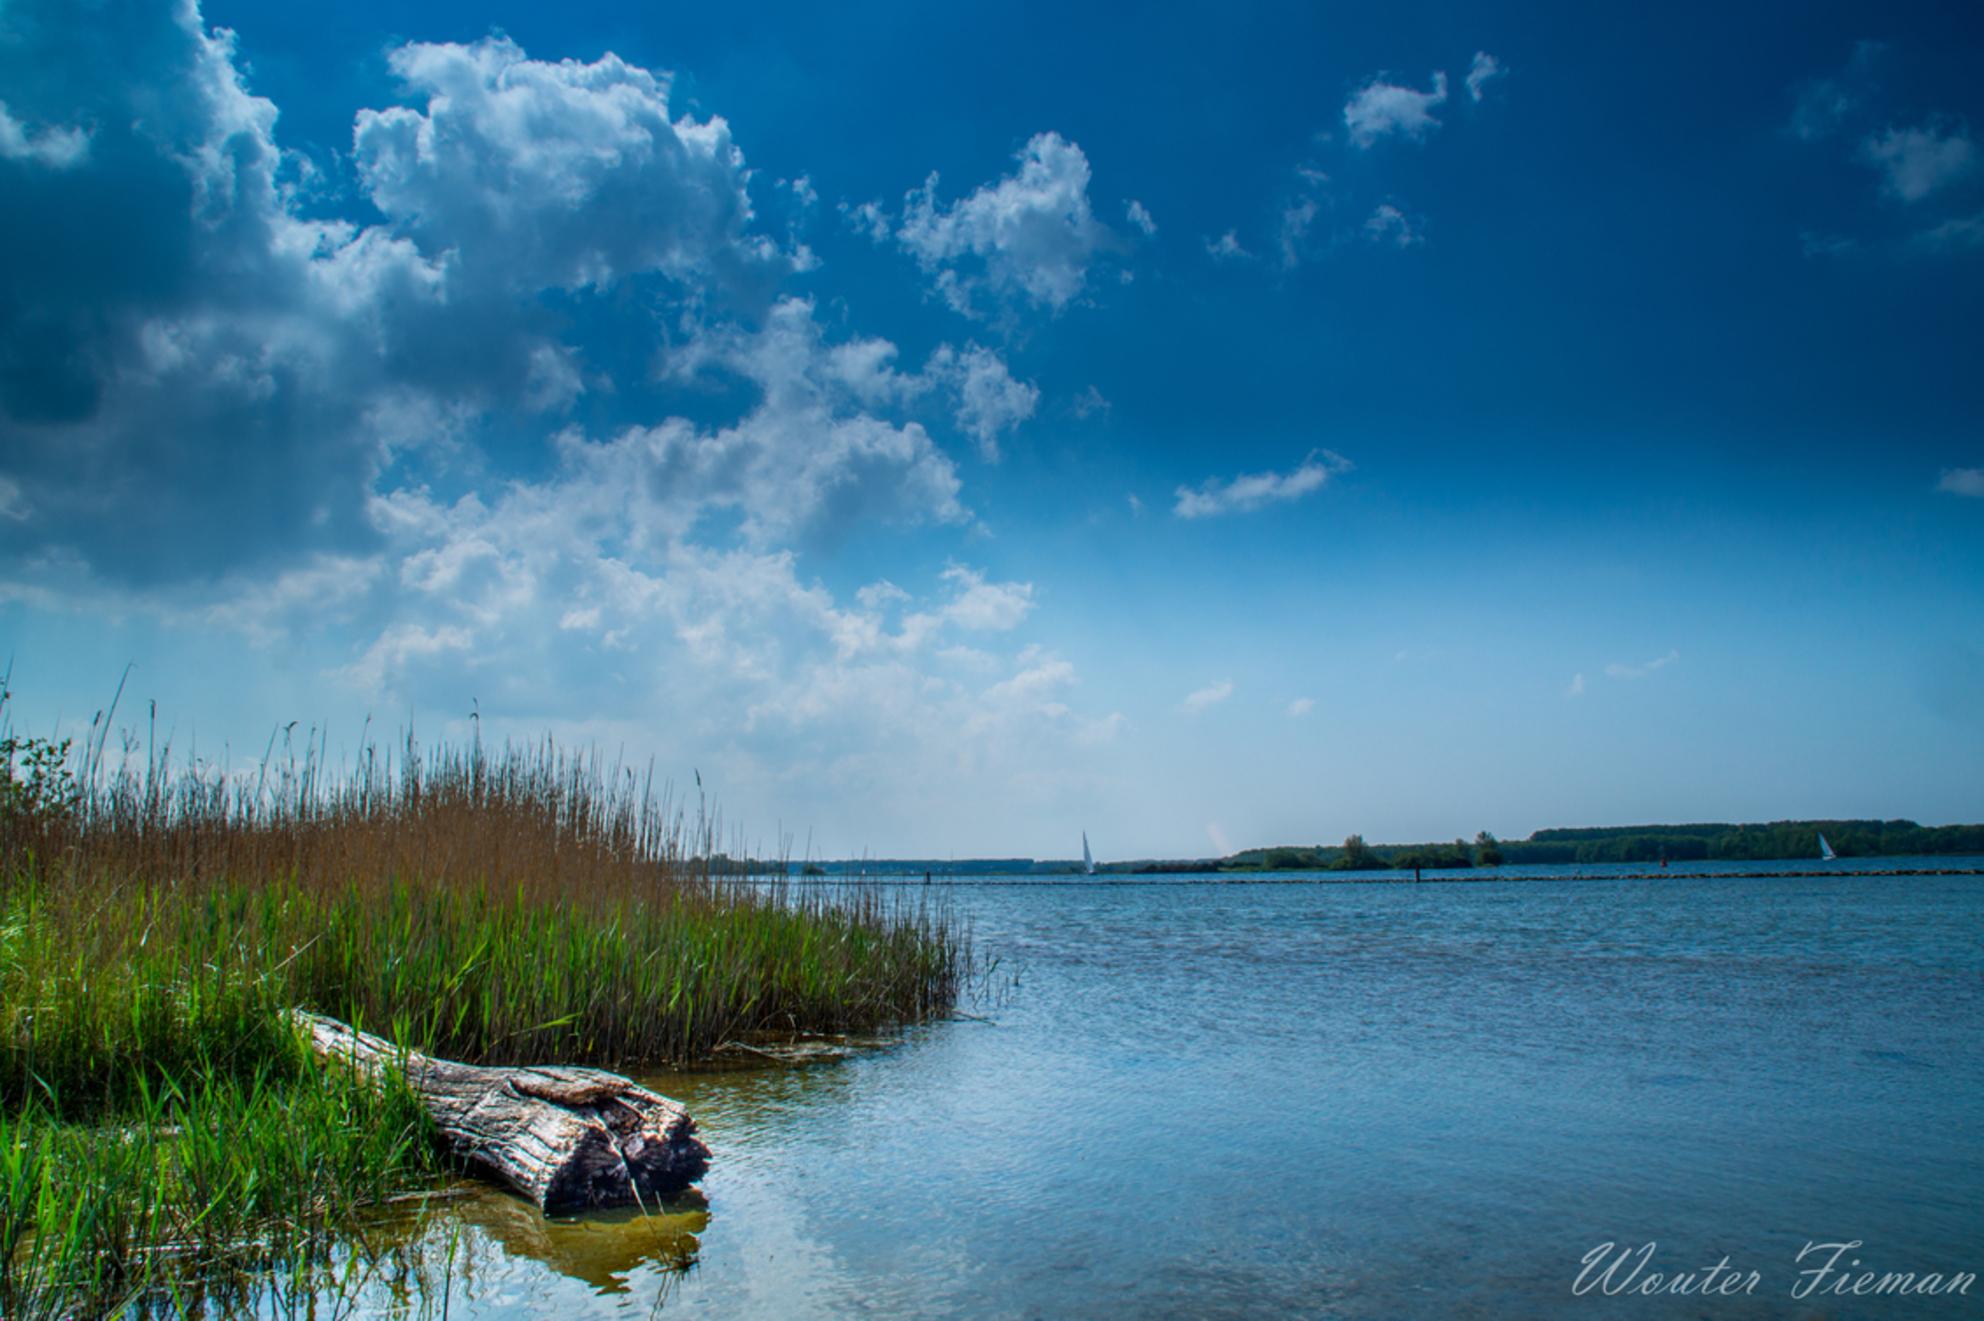 Daar aan de waterkant - - - foto door wouterfieman op 04-05-2020 - deze foto bevat: lucht, boom, water, landschap, zeeland, holland, veere, sky, veersemeer